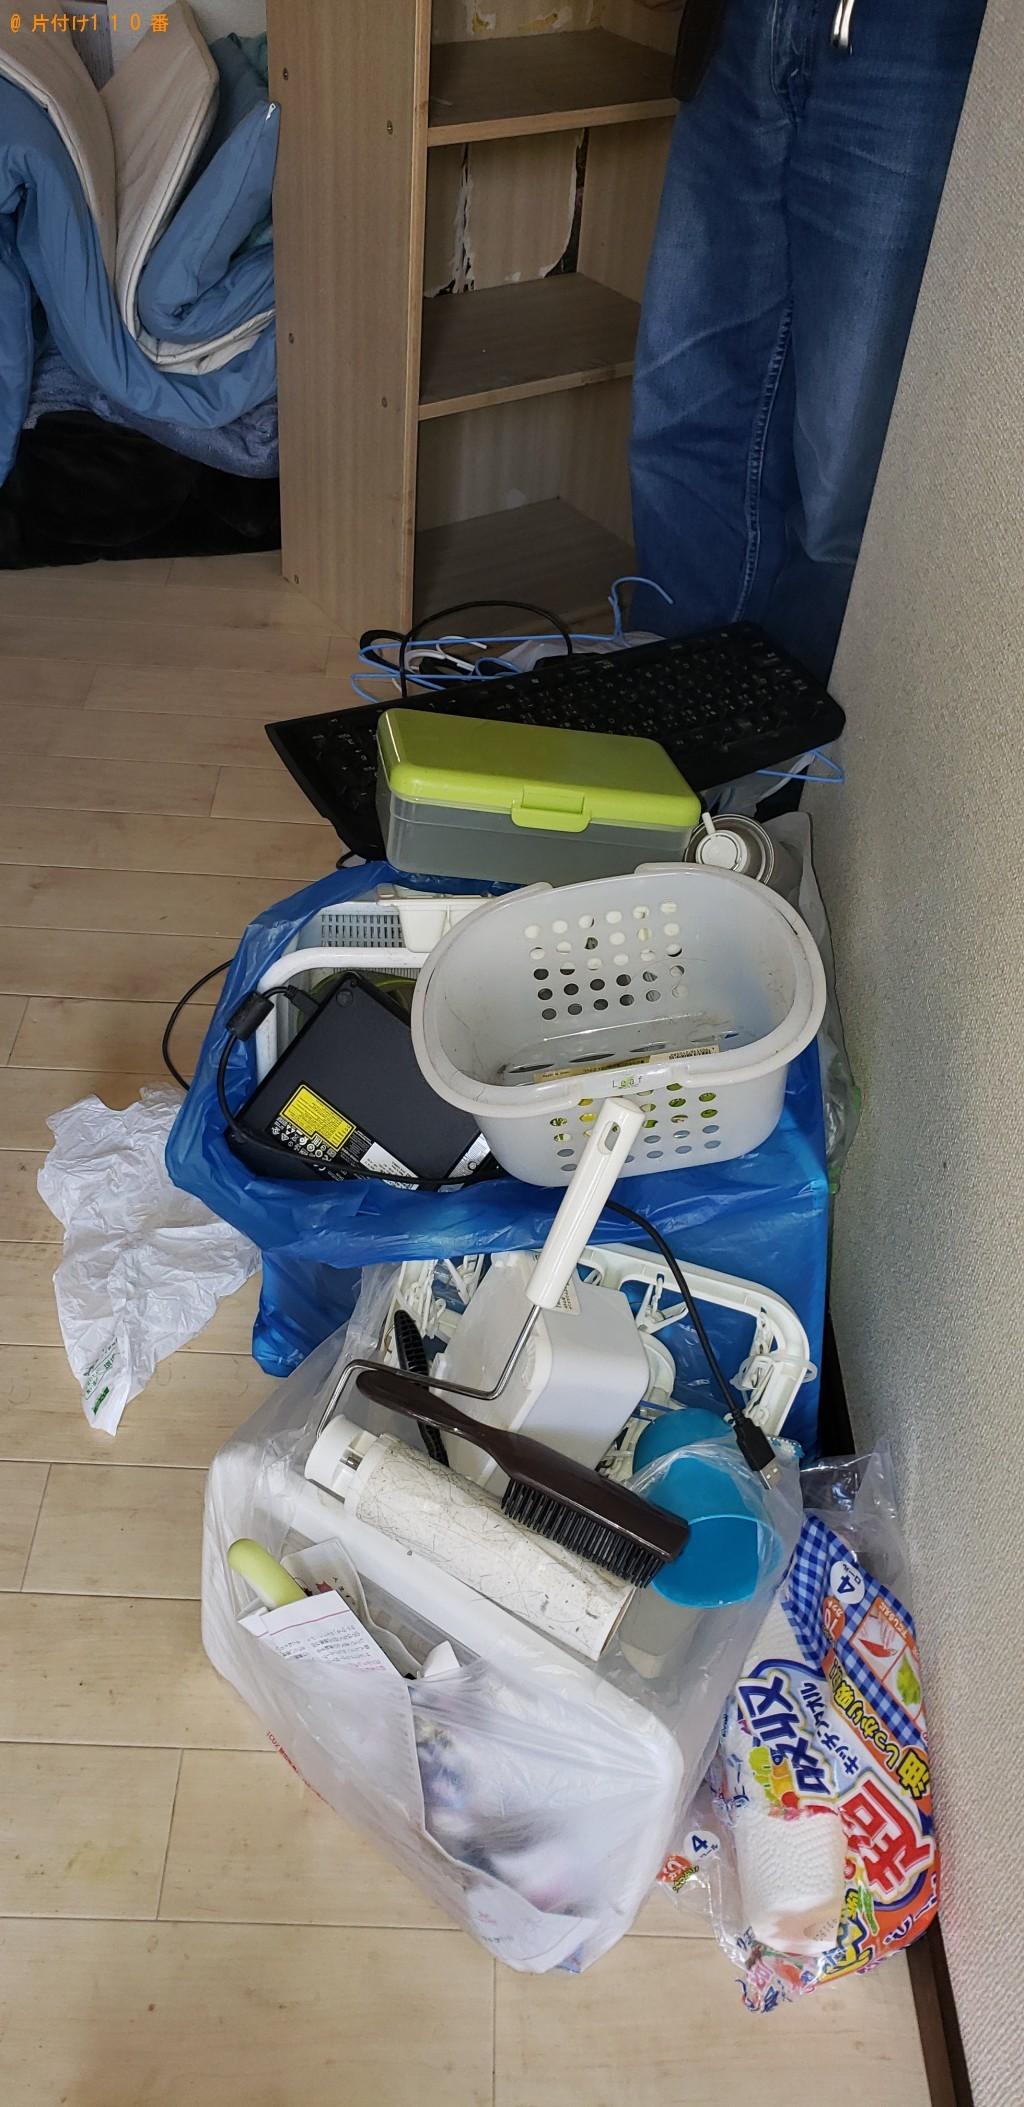 【下関市向山町】ウレタンマットレス、テレビ台、自転車等の回収